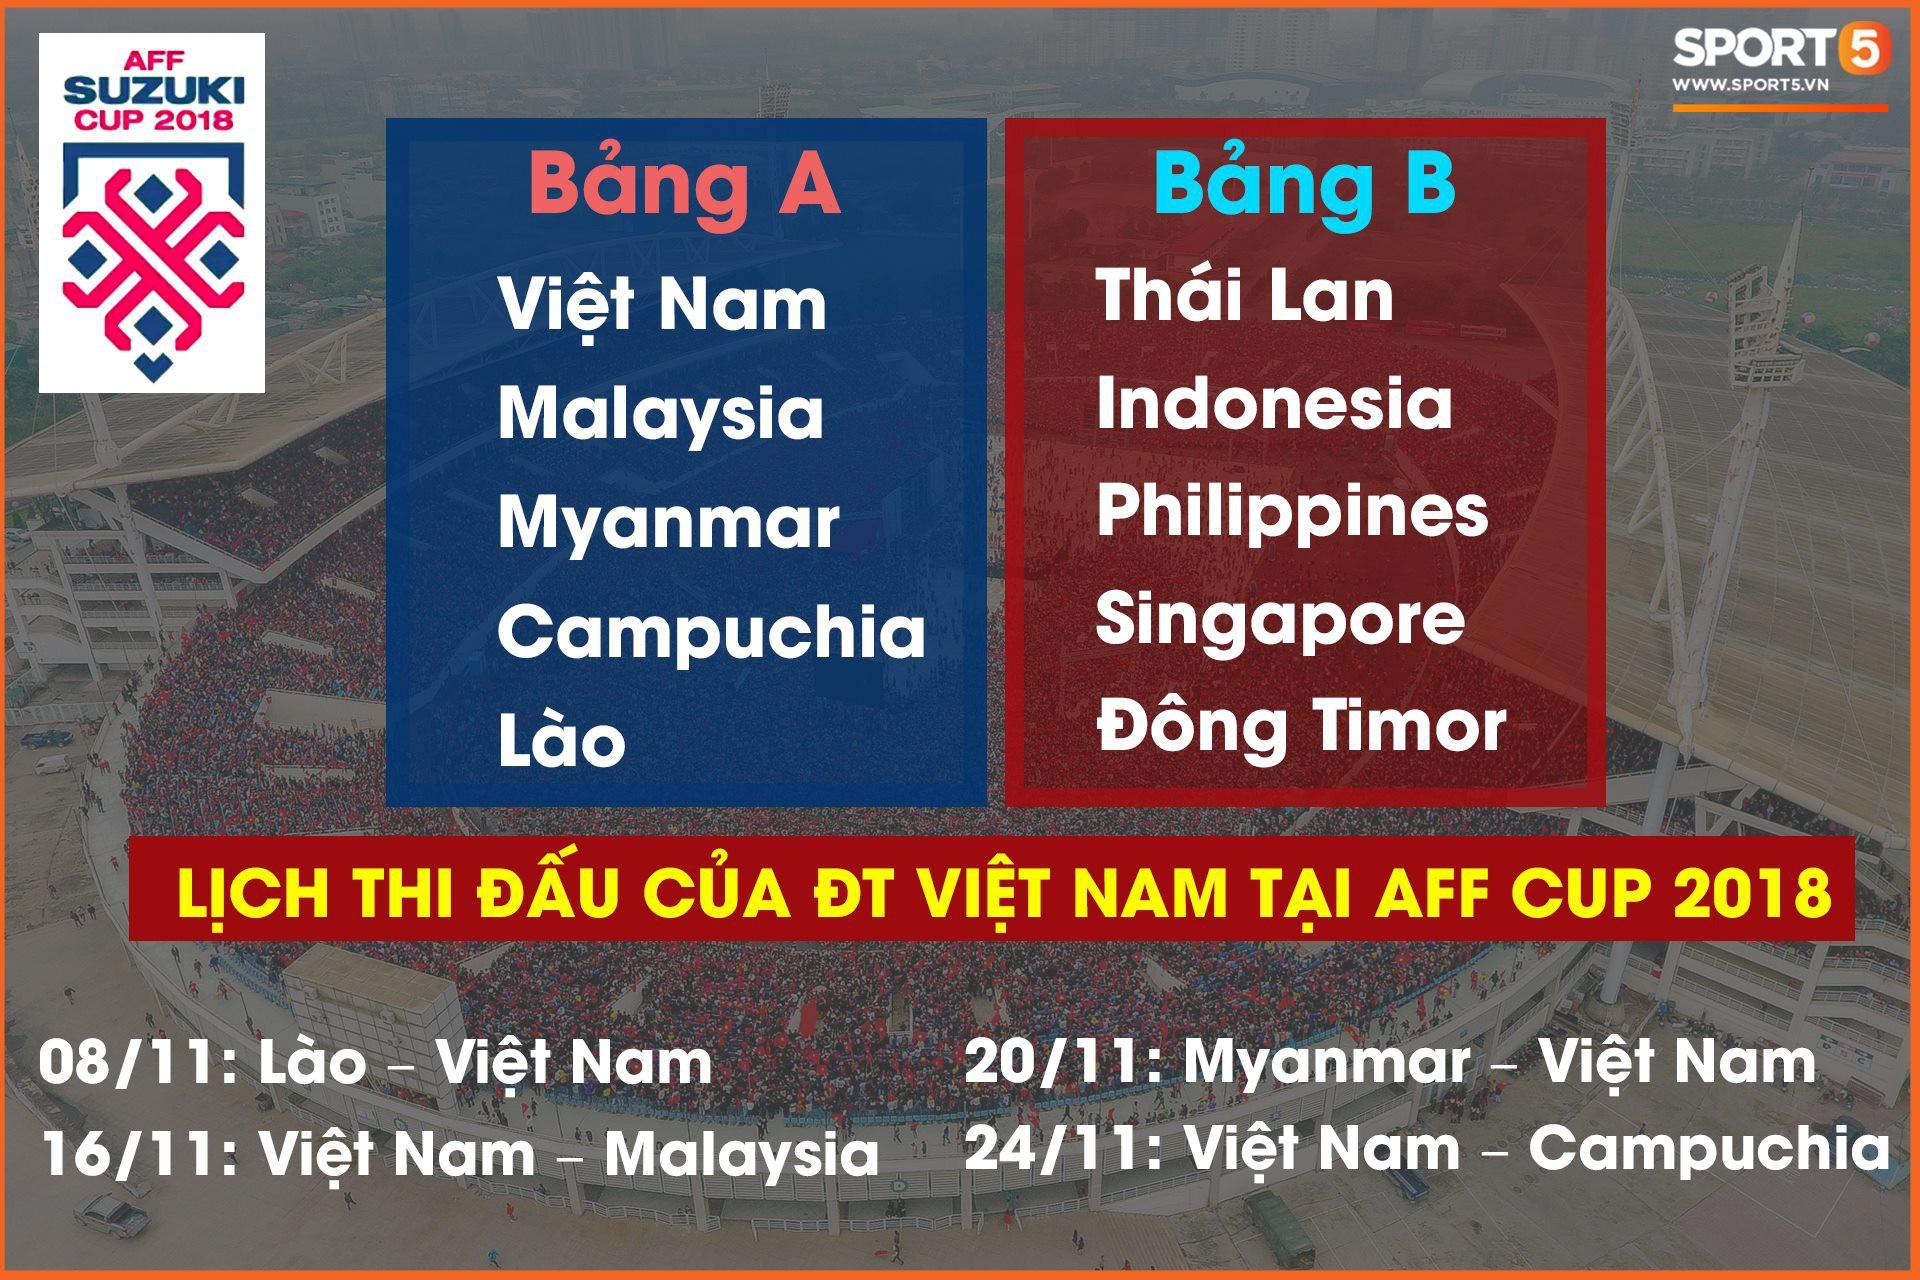 Lịch thi đấu vòng bảng AFF Cup 2018 của đội tuyển Việt Nam